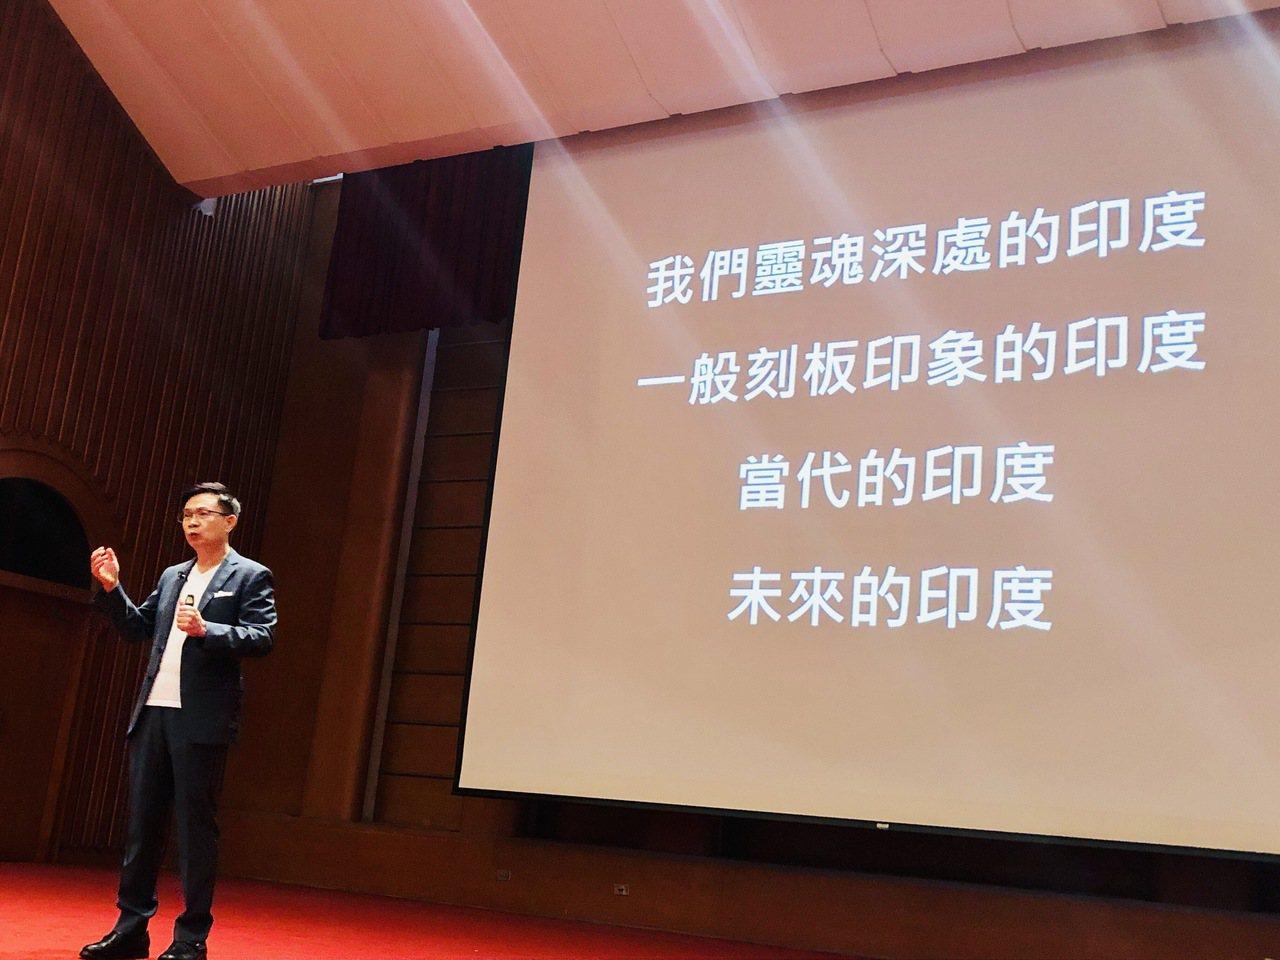 貿協董事長黃志芳於國家圖書館演講分享印度經驗。貿協/提供